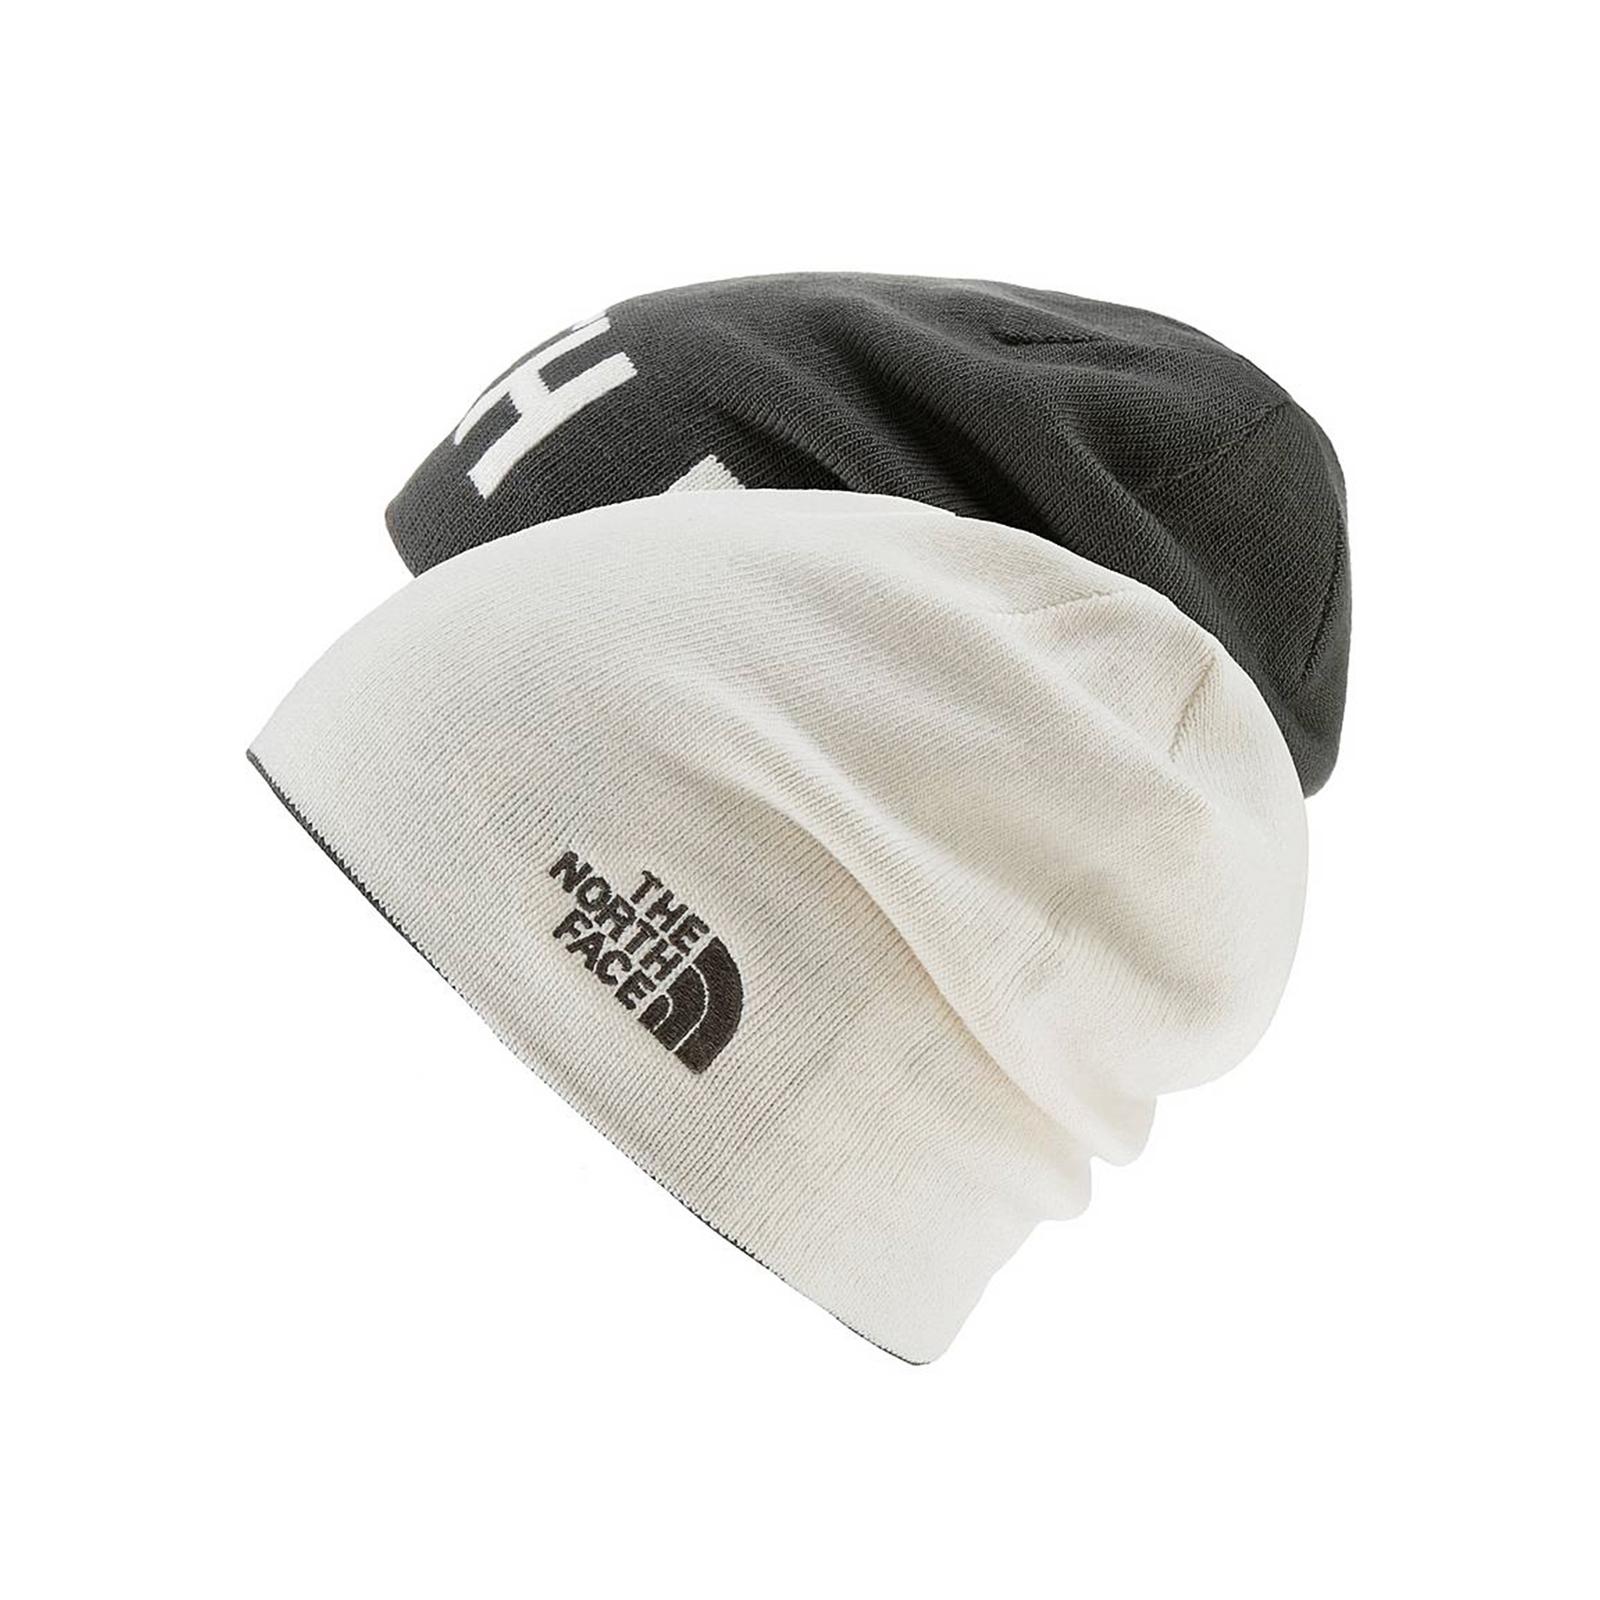 The North Face Cappelli Tnf Rvsbl Banner Benie White Black Multicolor 5e8b02ea3a97